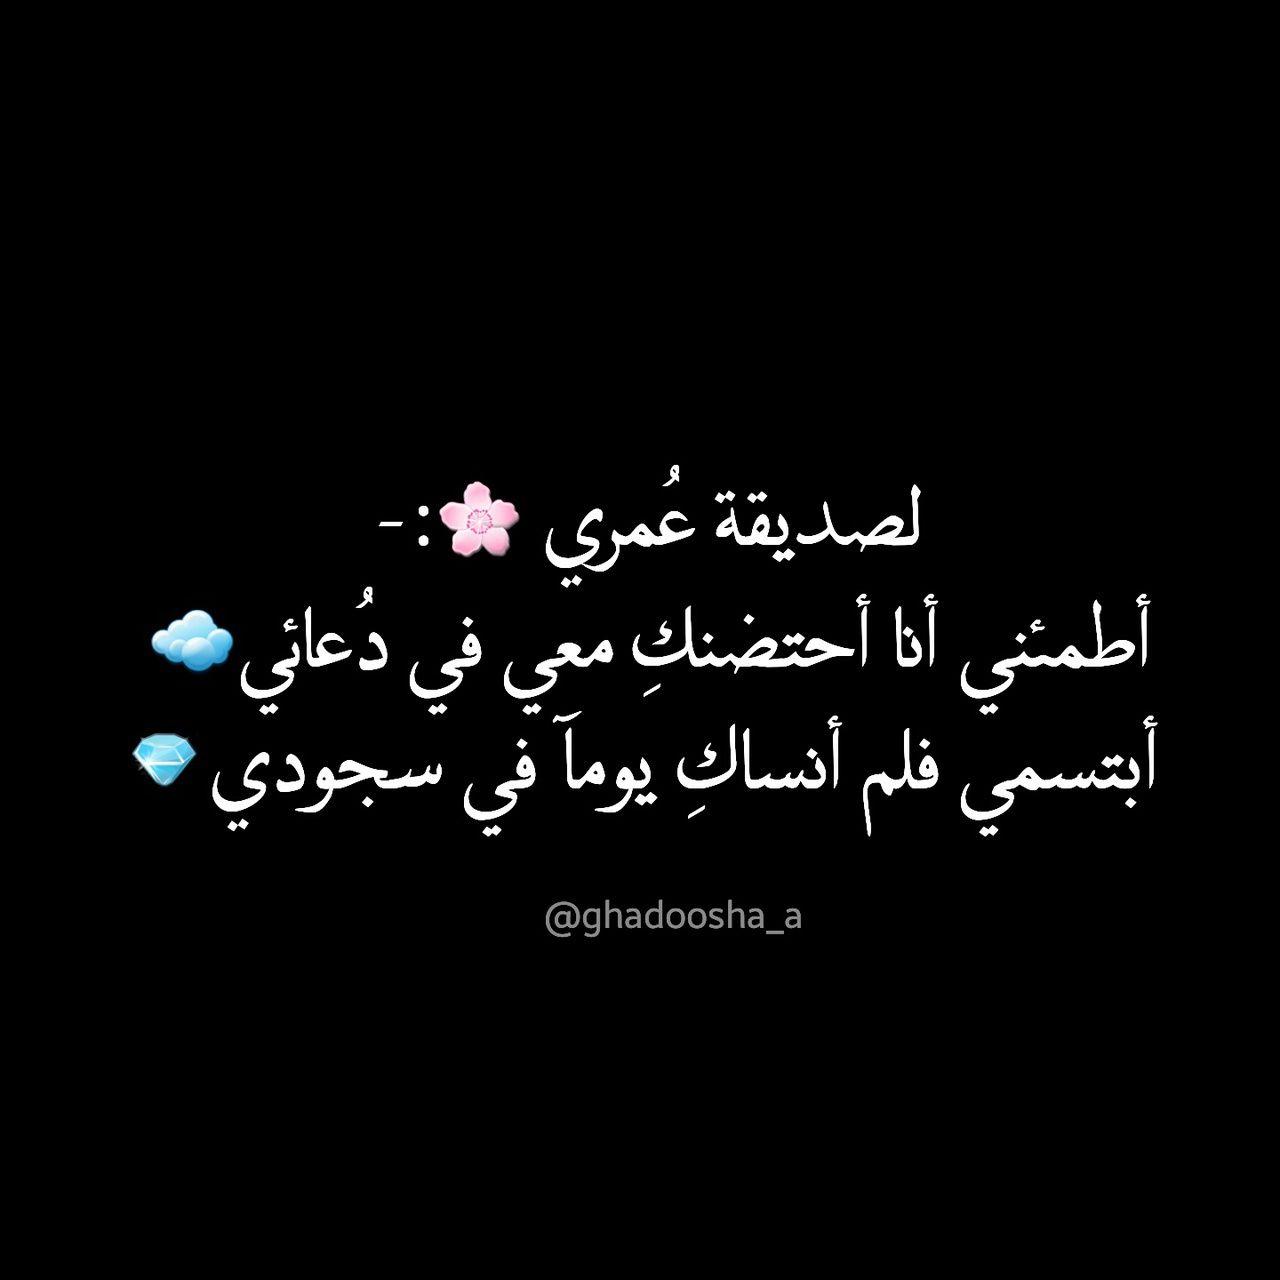 عندما تختزن لأحب من تحب هدايا لطيفة كالدعاء اوليست خيرا من اقوال تجيء وتذهب Friendship Quotes Arabic Words My Best Friend